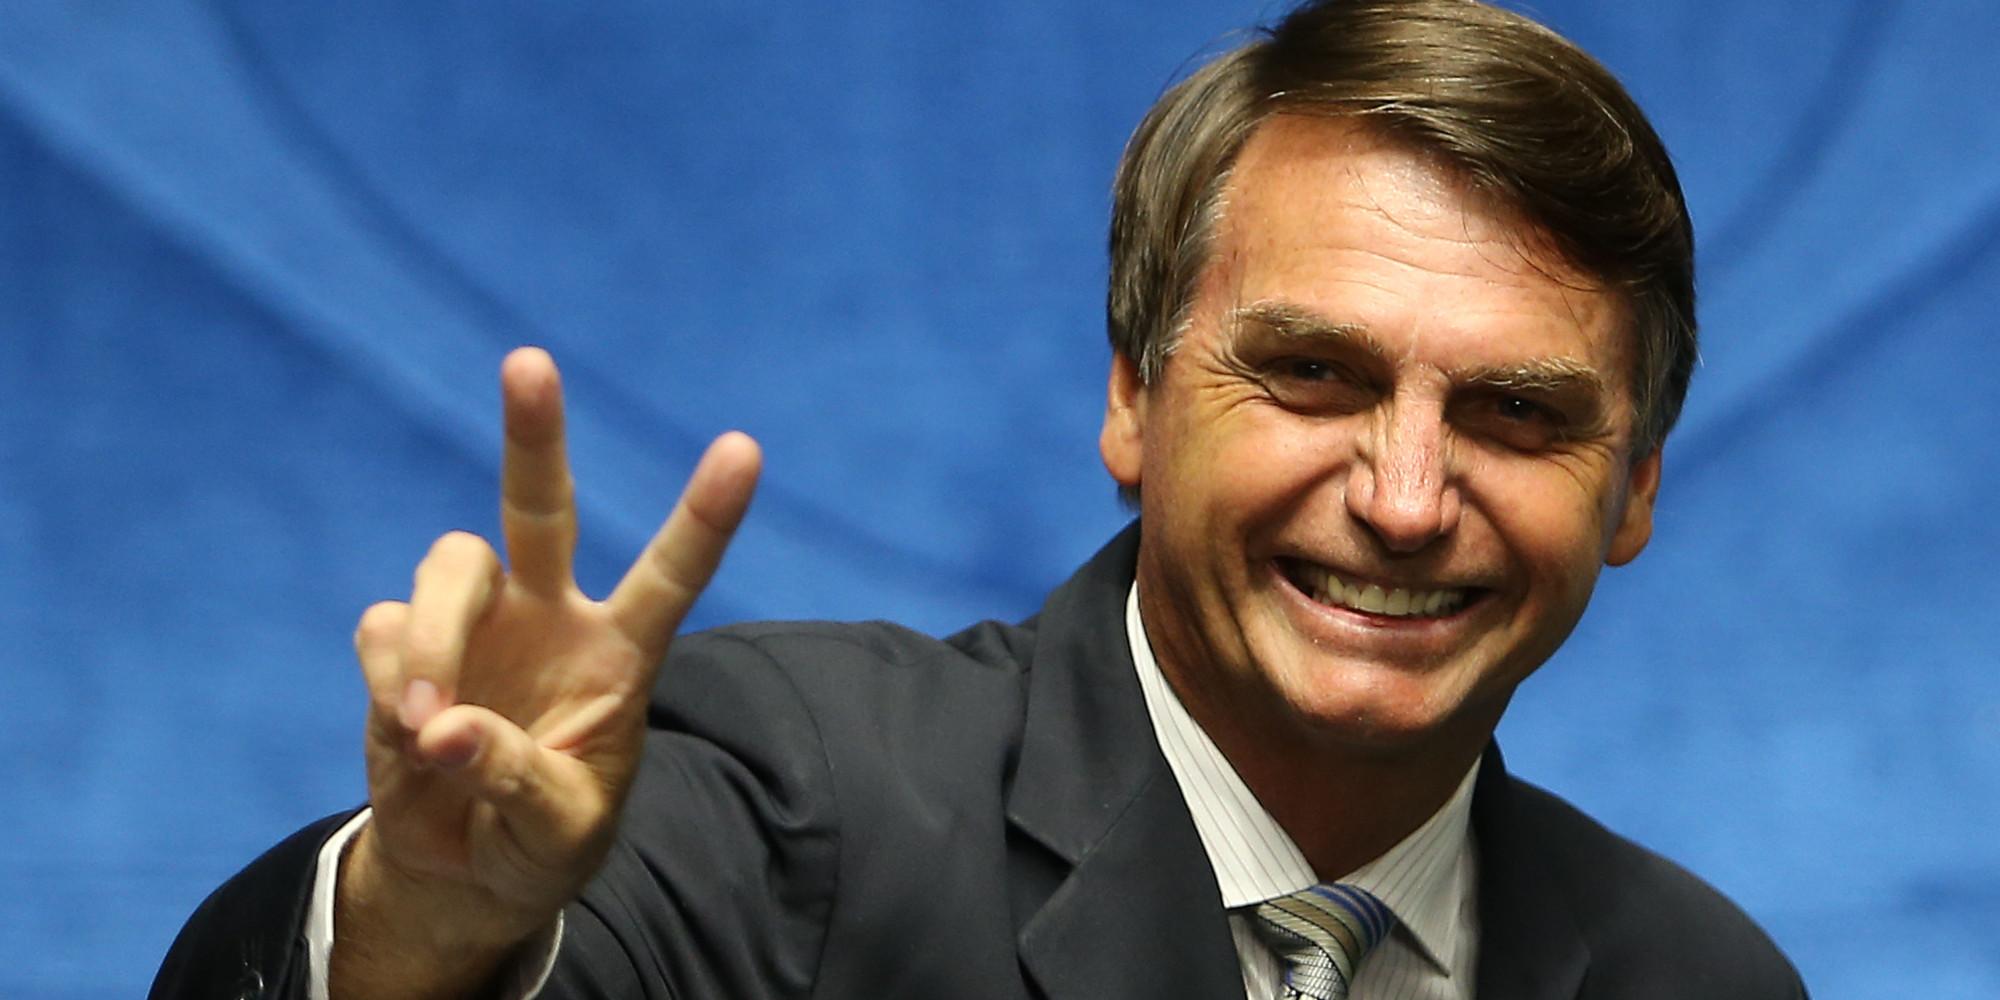 'Daqui para frente eu vou agir', diz Bolsonaro, após ameaçar usar Exército